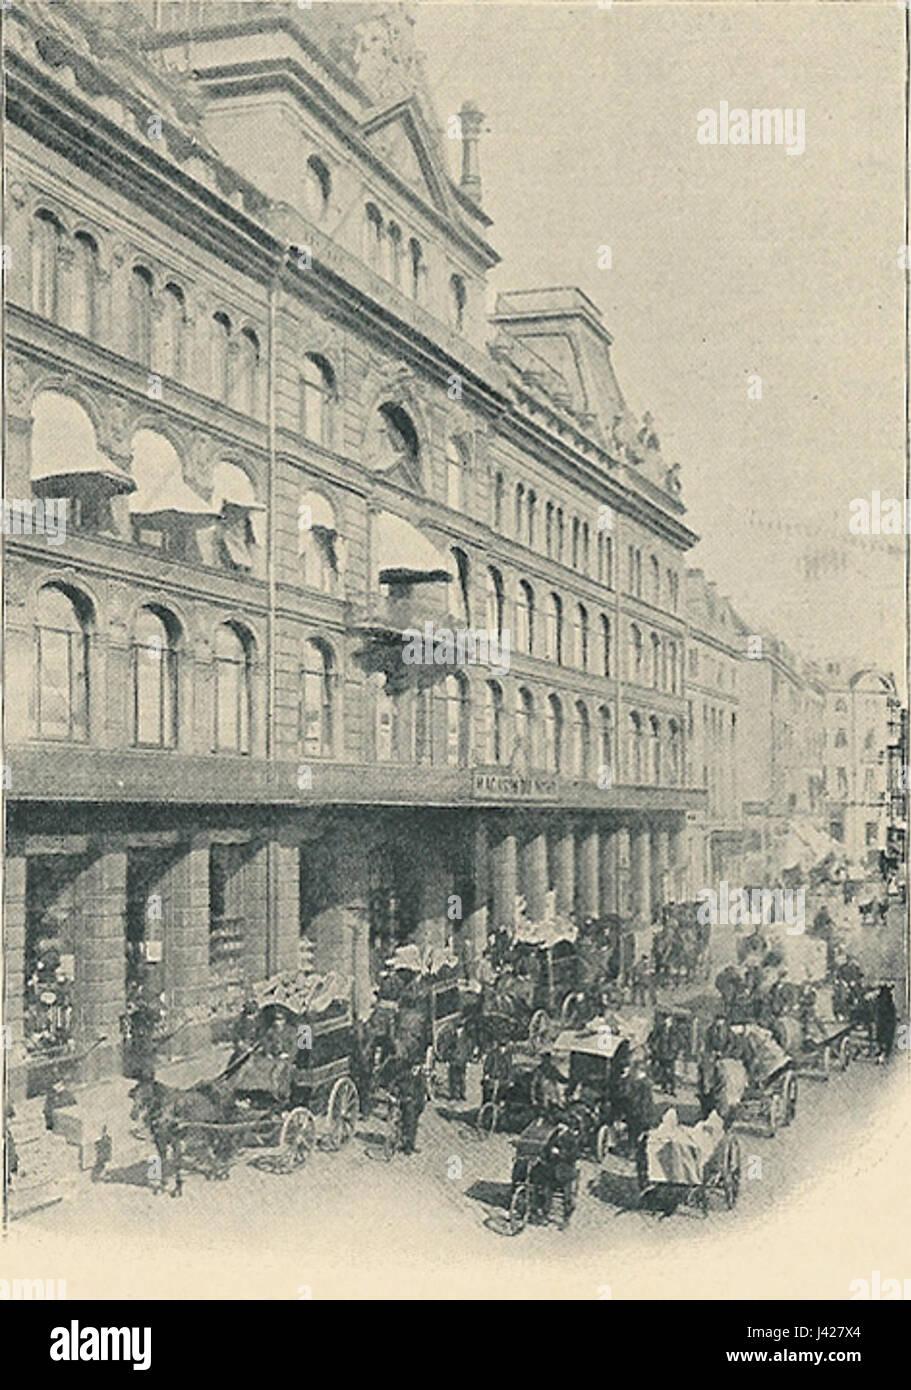 Magasin du Nord facade - Stock Image